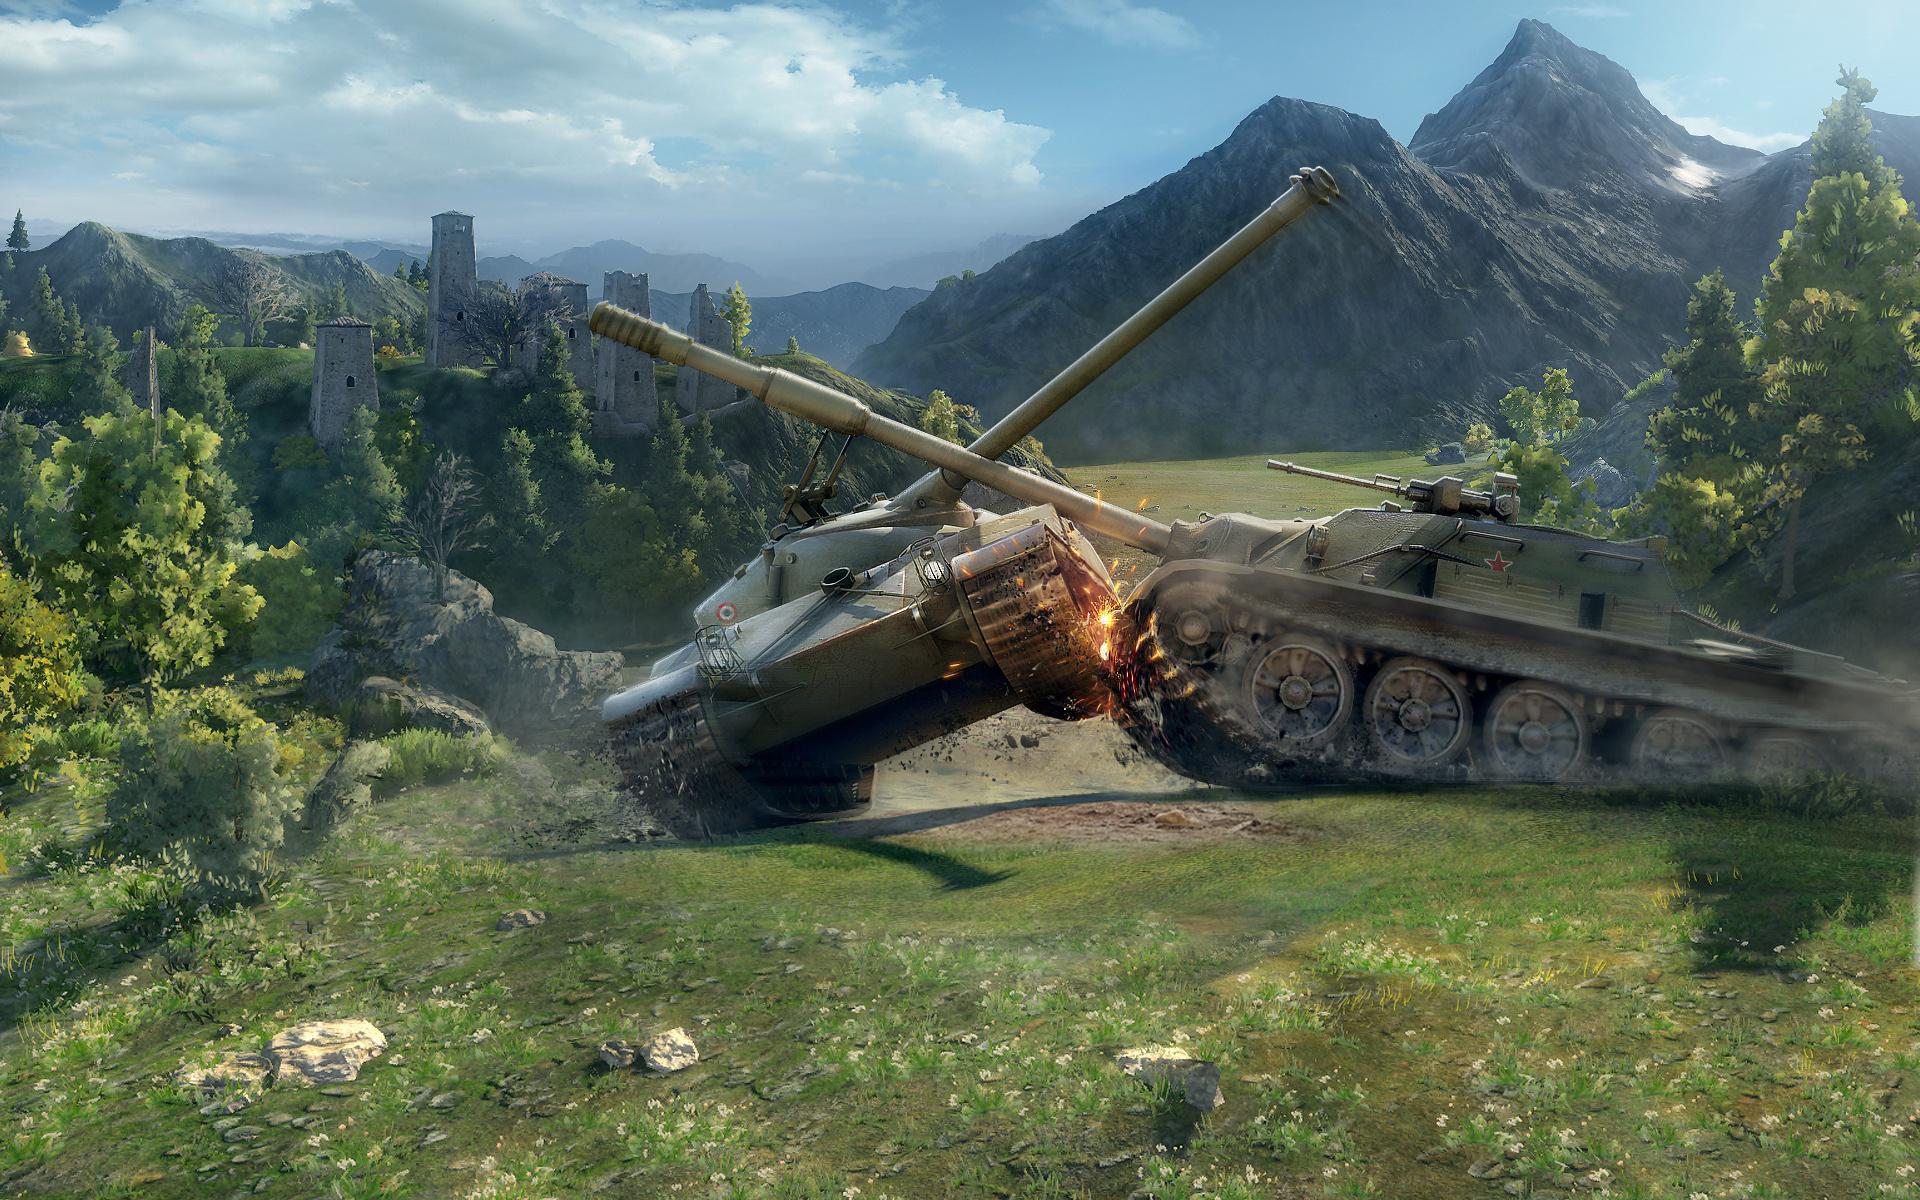 Картинки вордов танкс, рождения